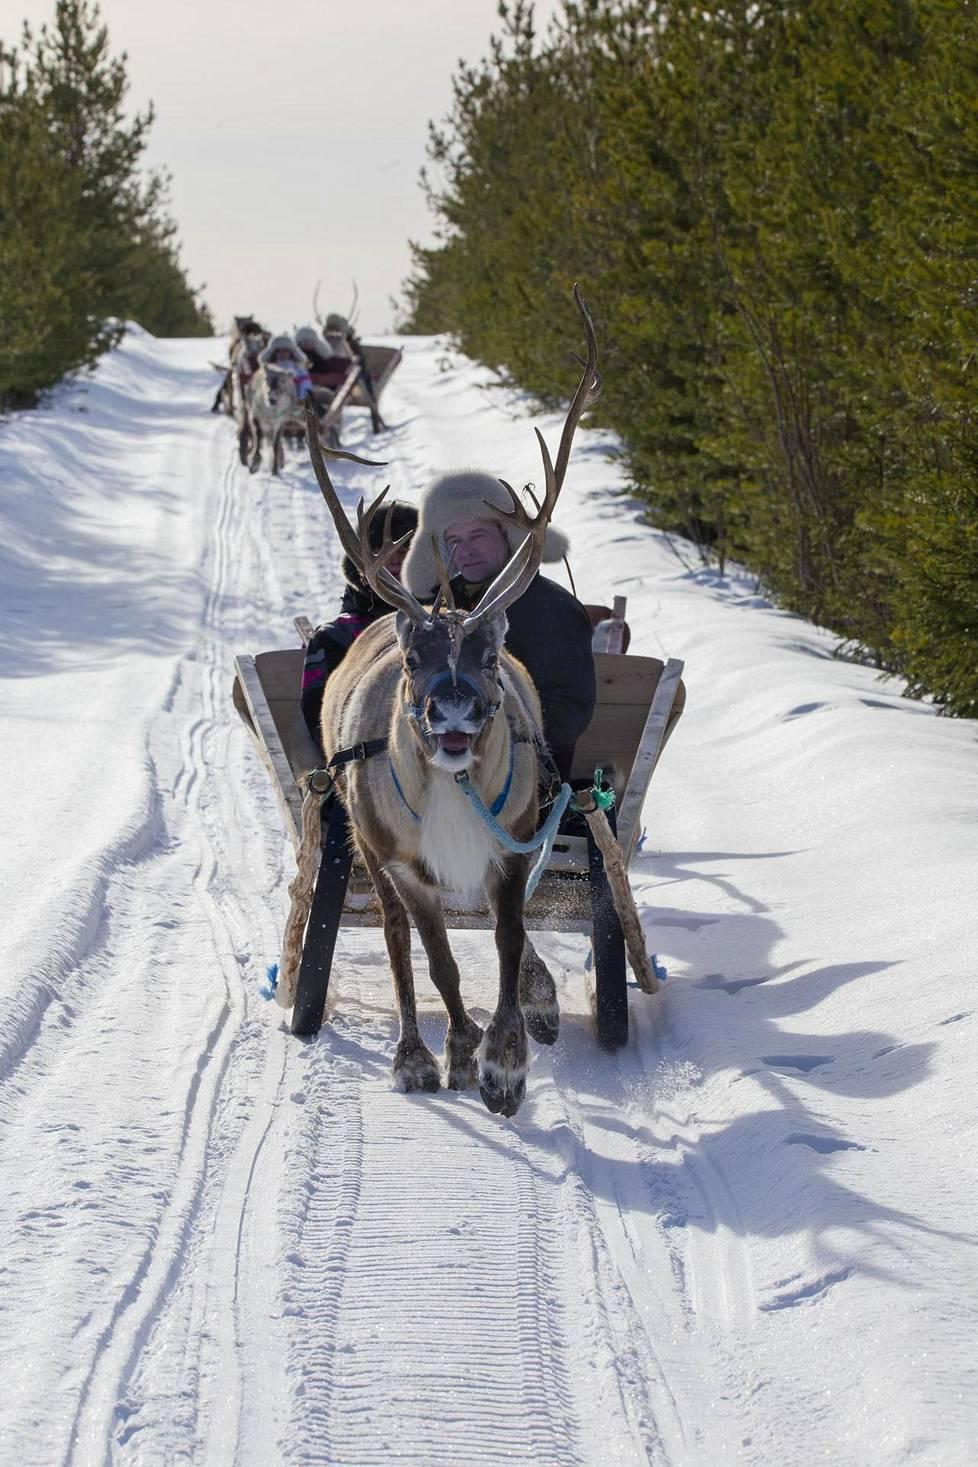 Ensimmäinen pororaito kulki 50 kilometrin matkan Oulun Ylikiimingistä Pudasjärven Panuman kylään.